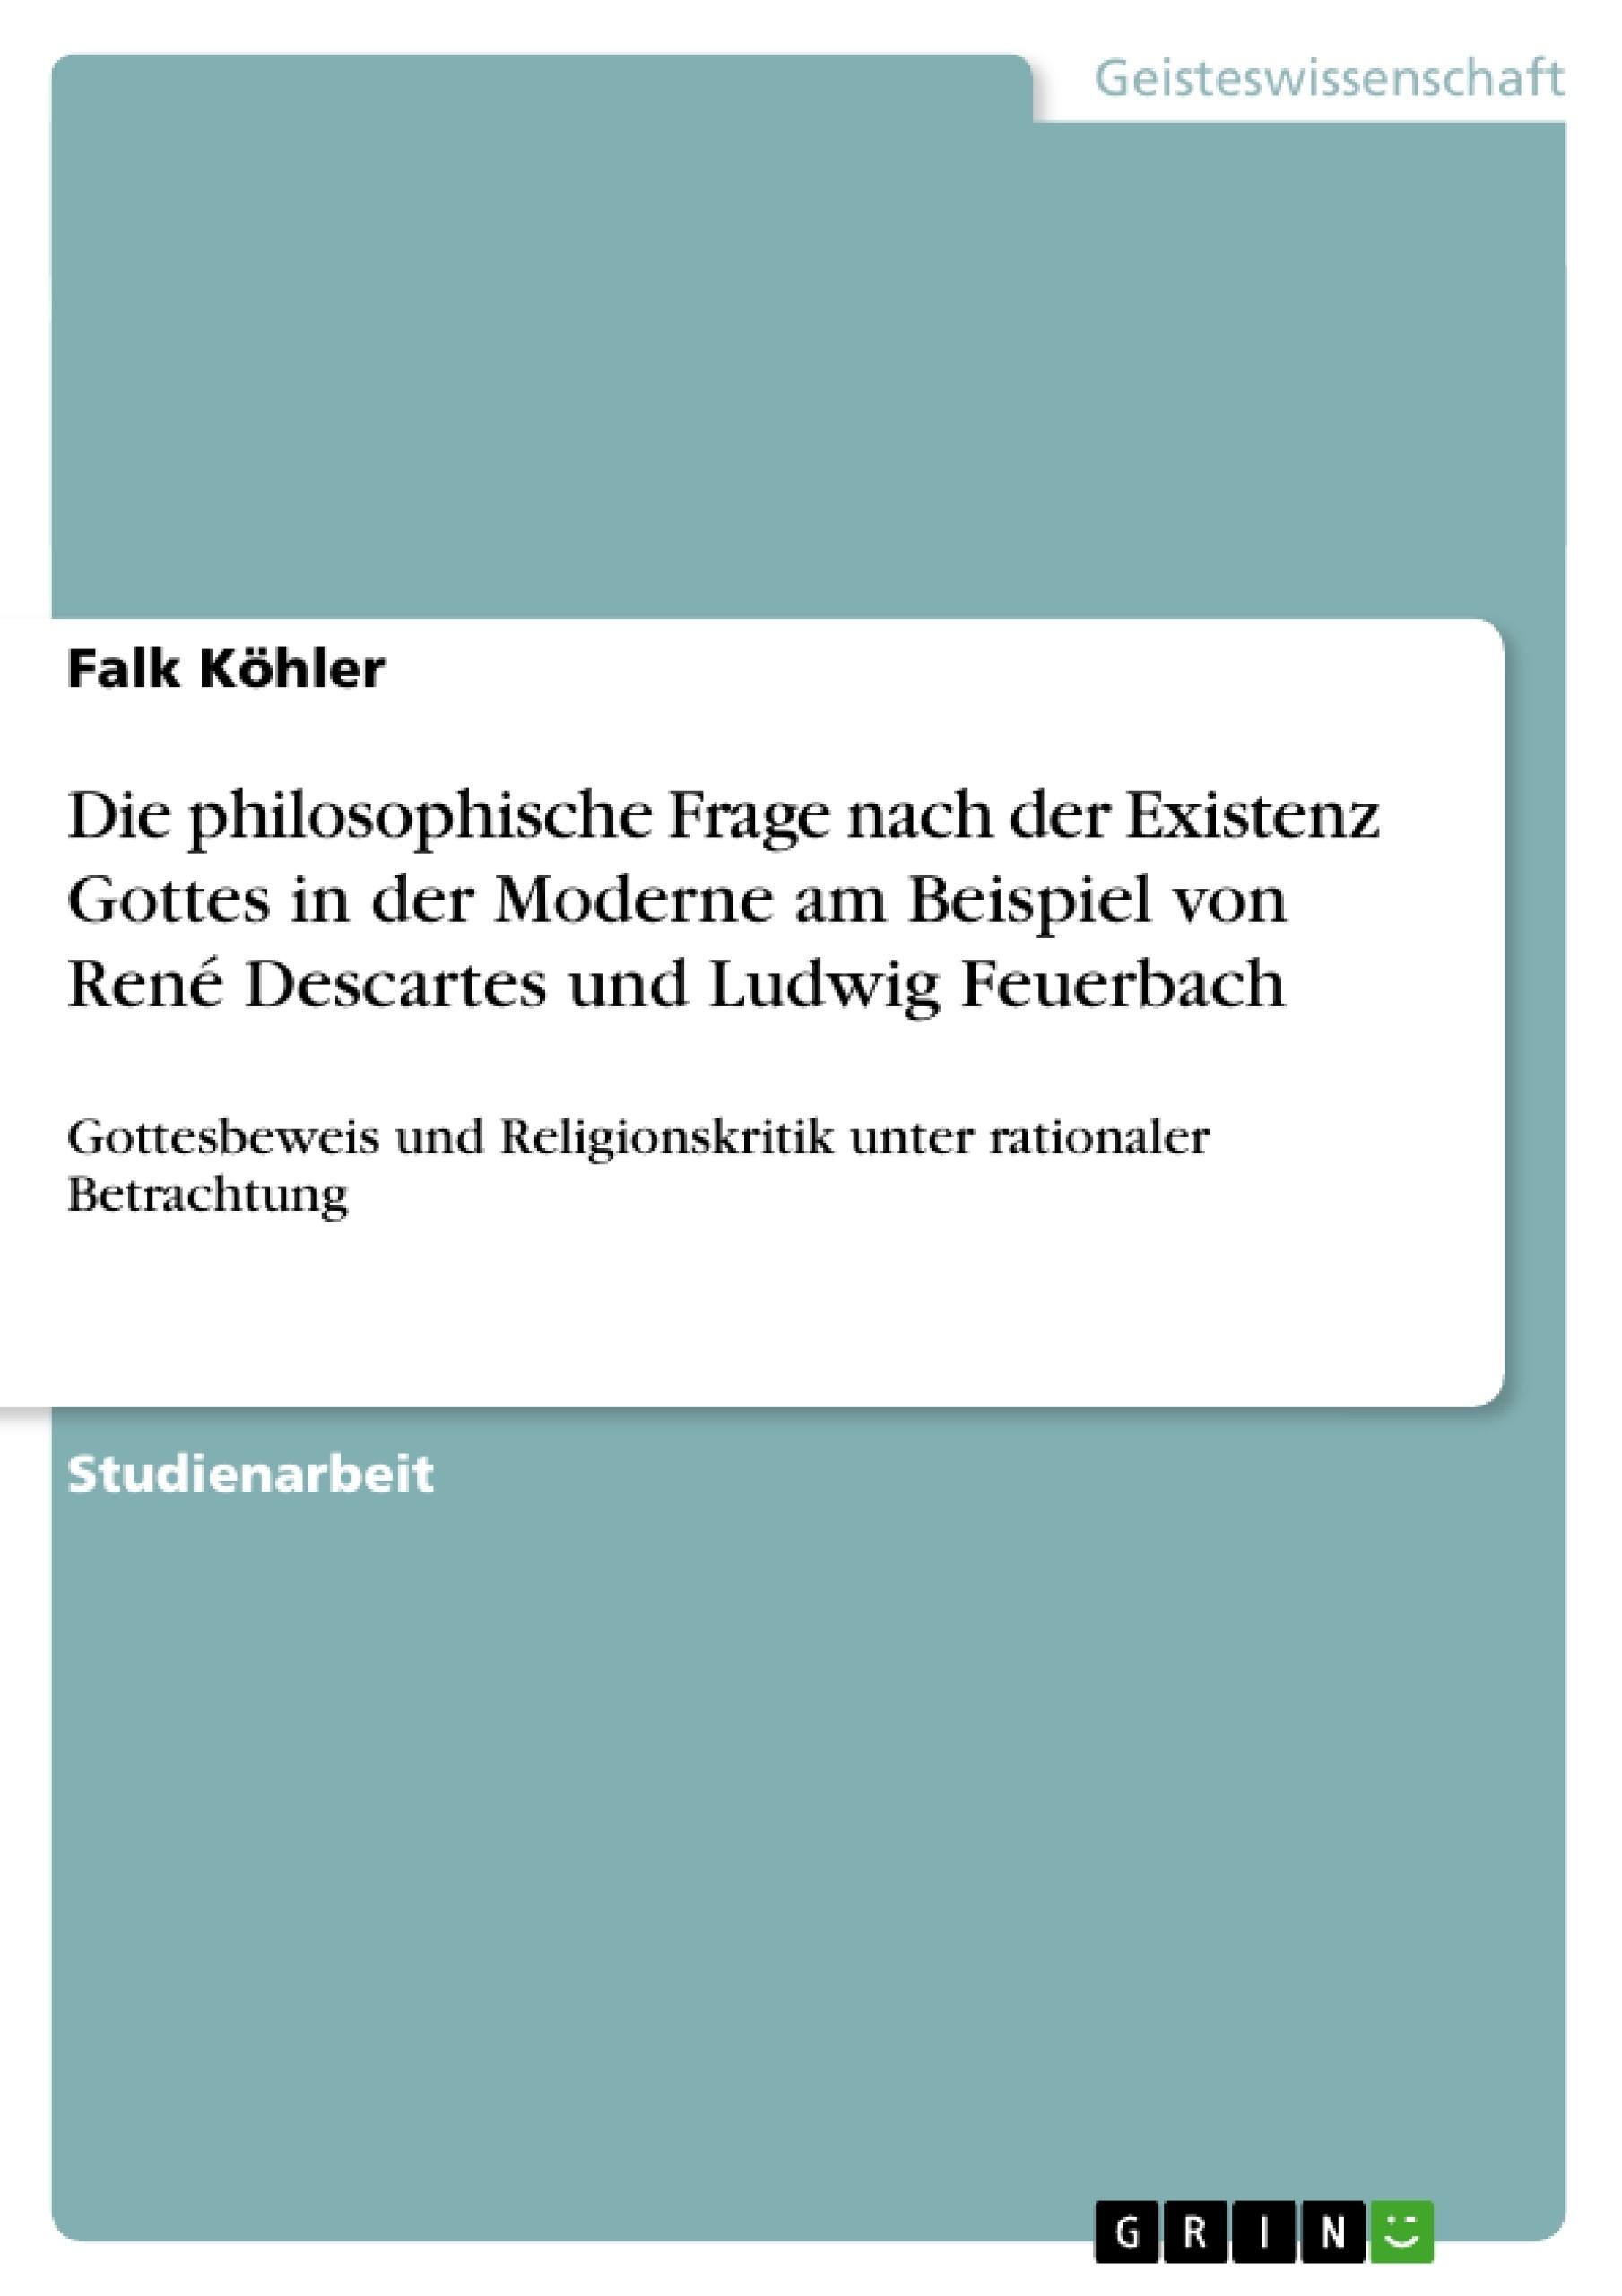 Titel: Die philosophische Frage nach der Existenz Gottes in der Moderne am Beispiel von René Descartes und Ludwig Feuerbach